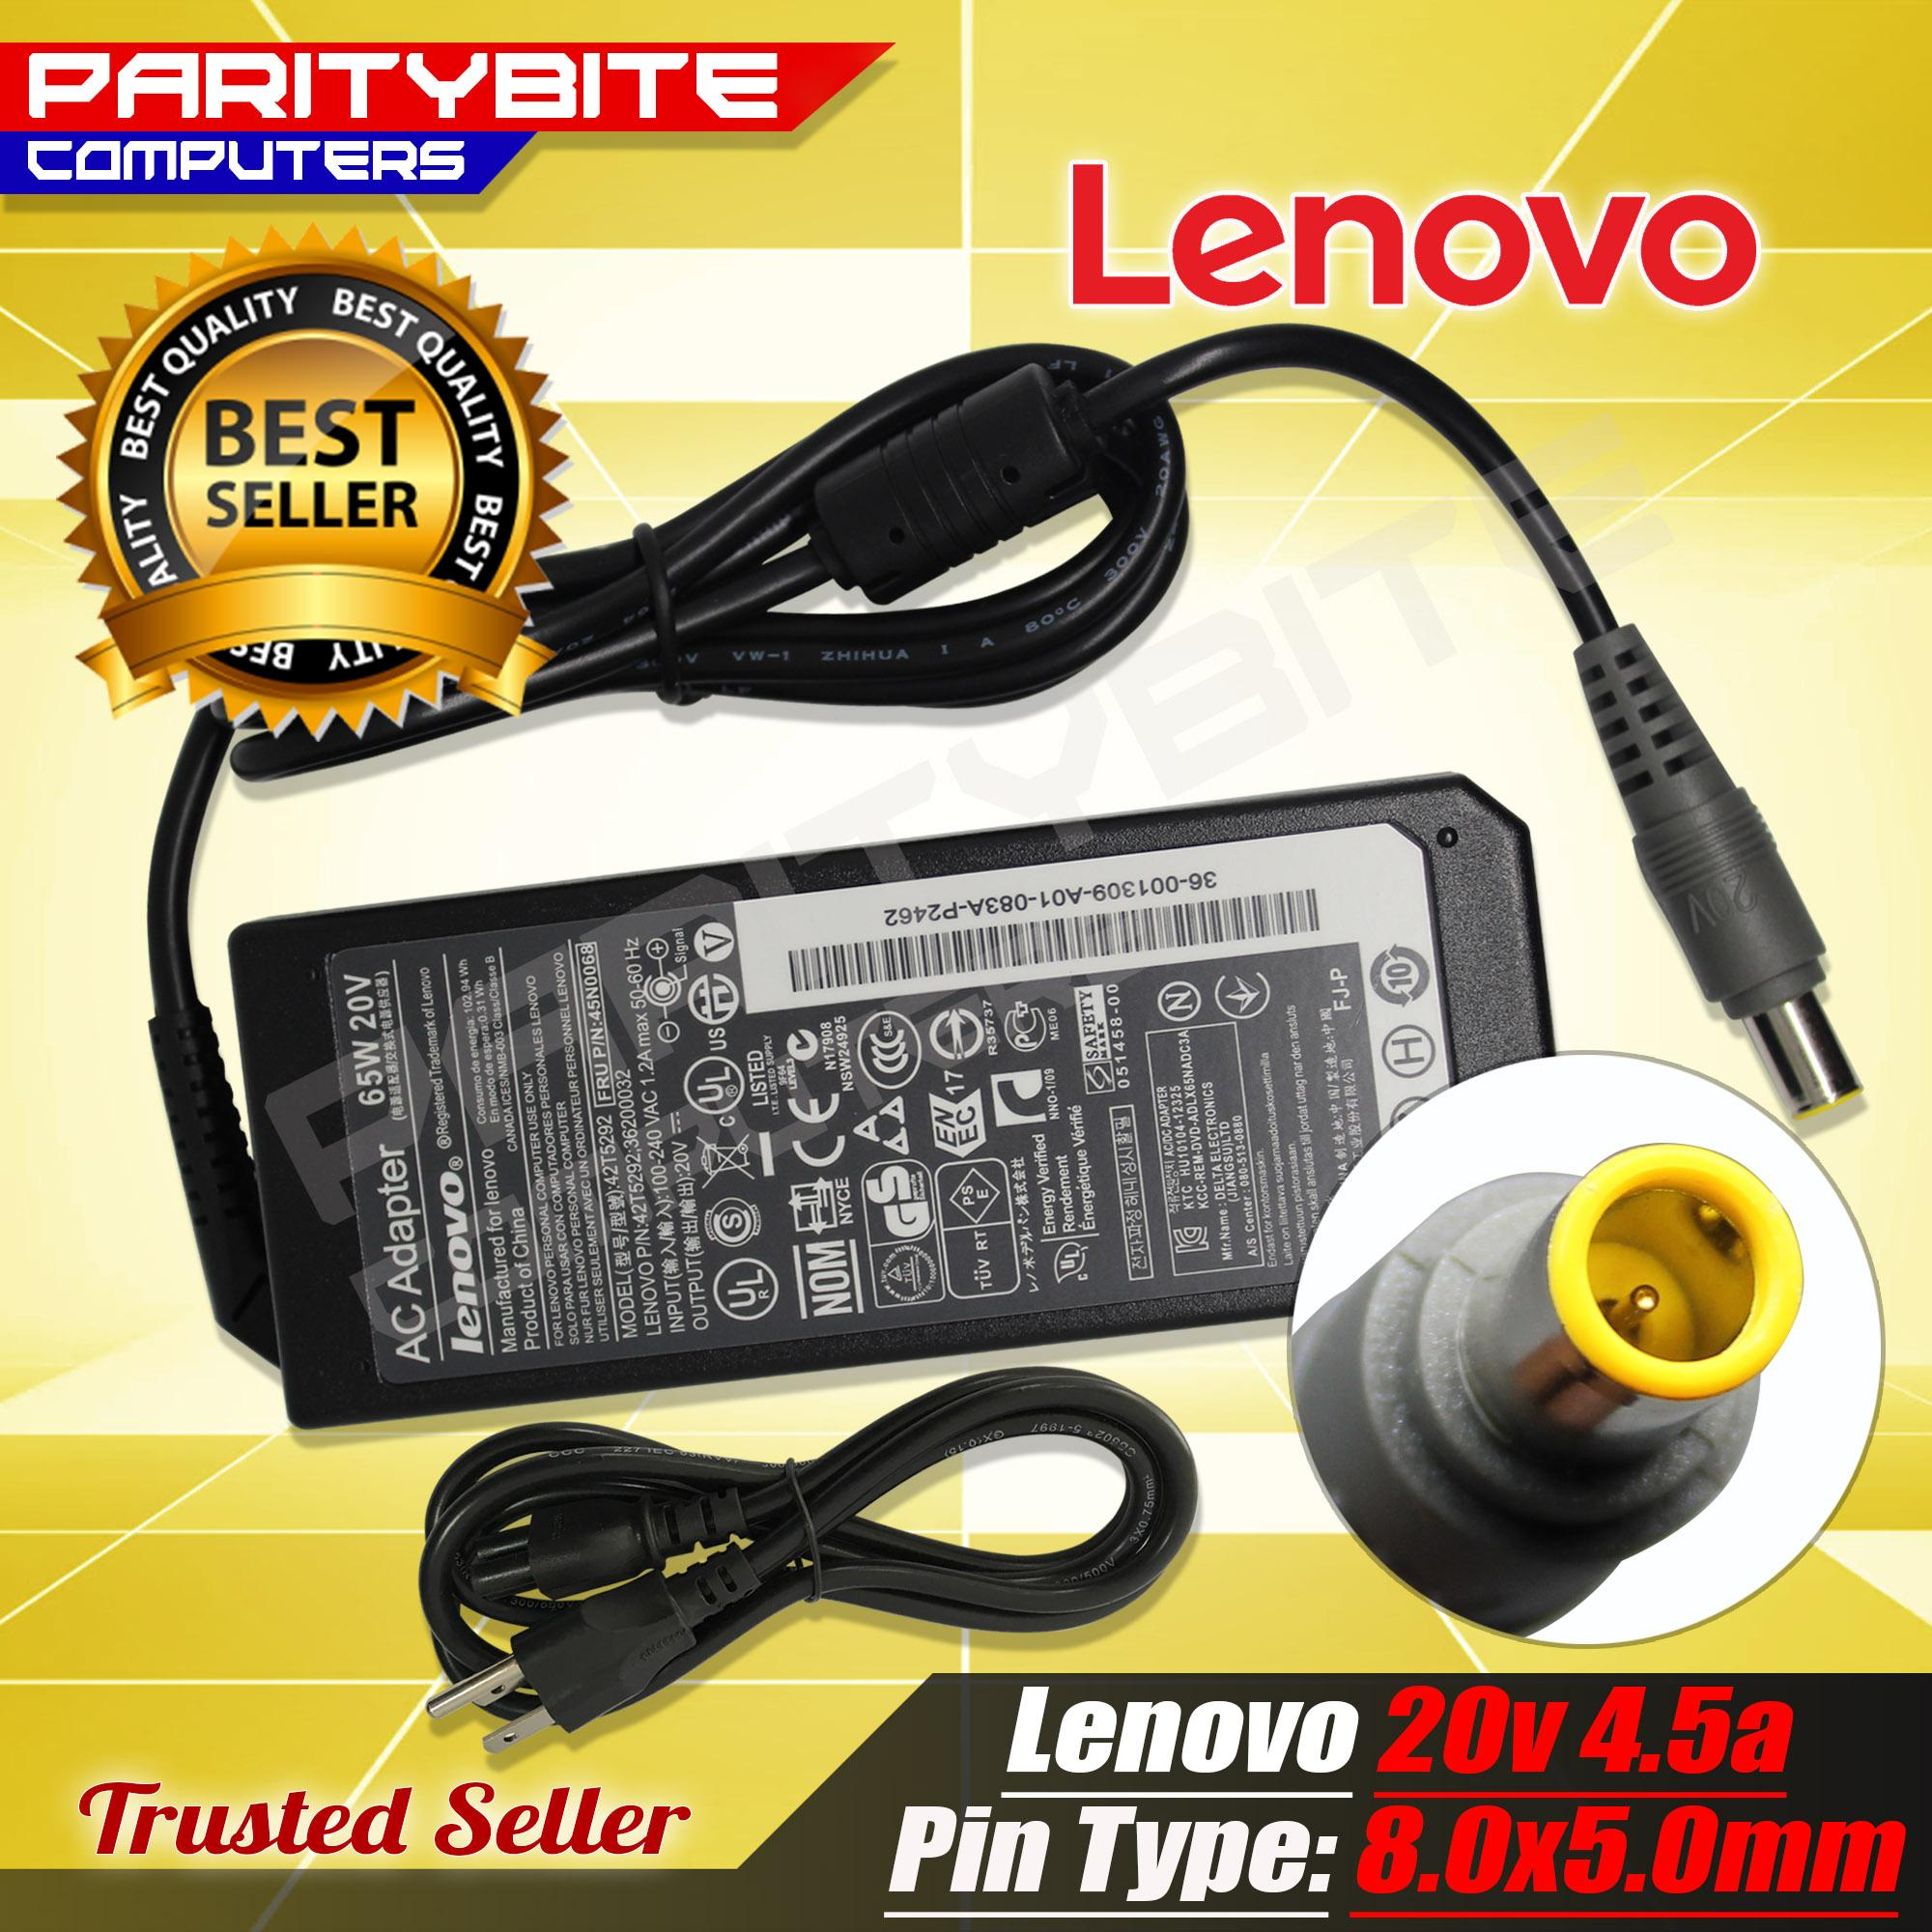 Lenovo Charger Adapter 20V 4 5A 8 0mmx5 0mm For Lenovo ThinkPad 417032U  SL300 SL400 SL410 SL410k SL500 SL510 SL510k T400 T400s T410 T410i T410s  T420